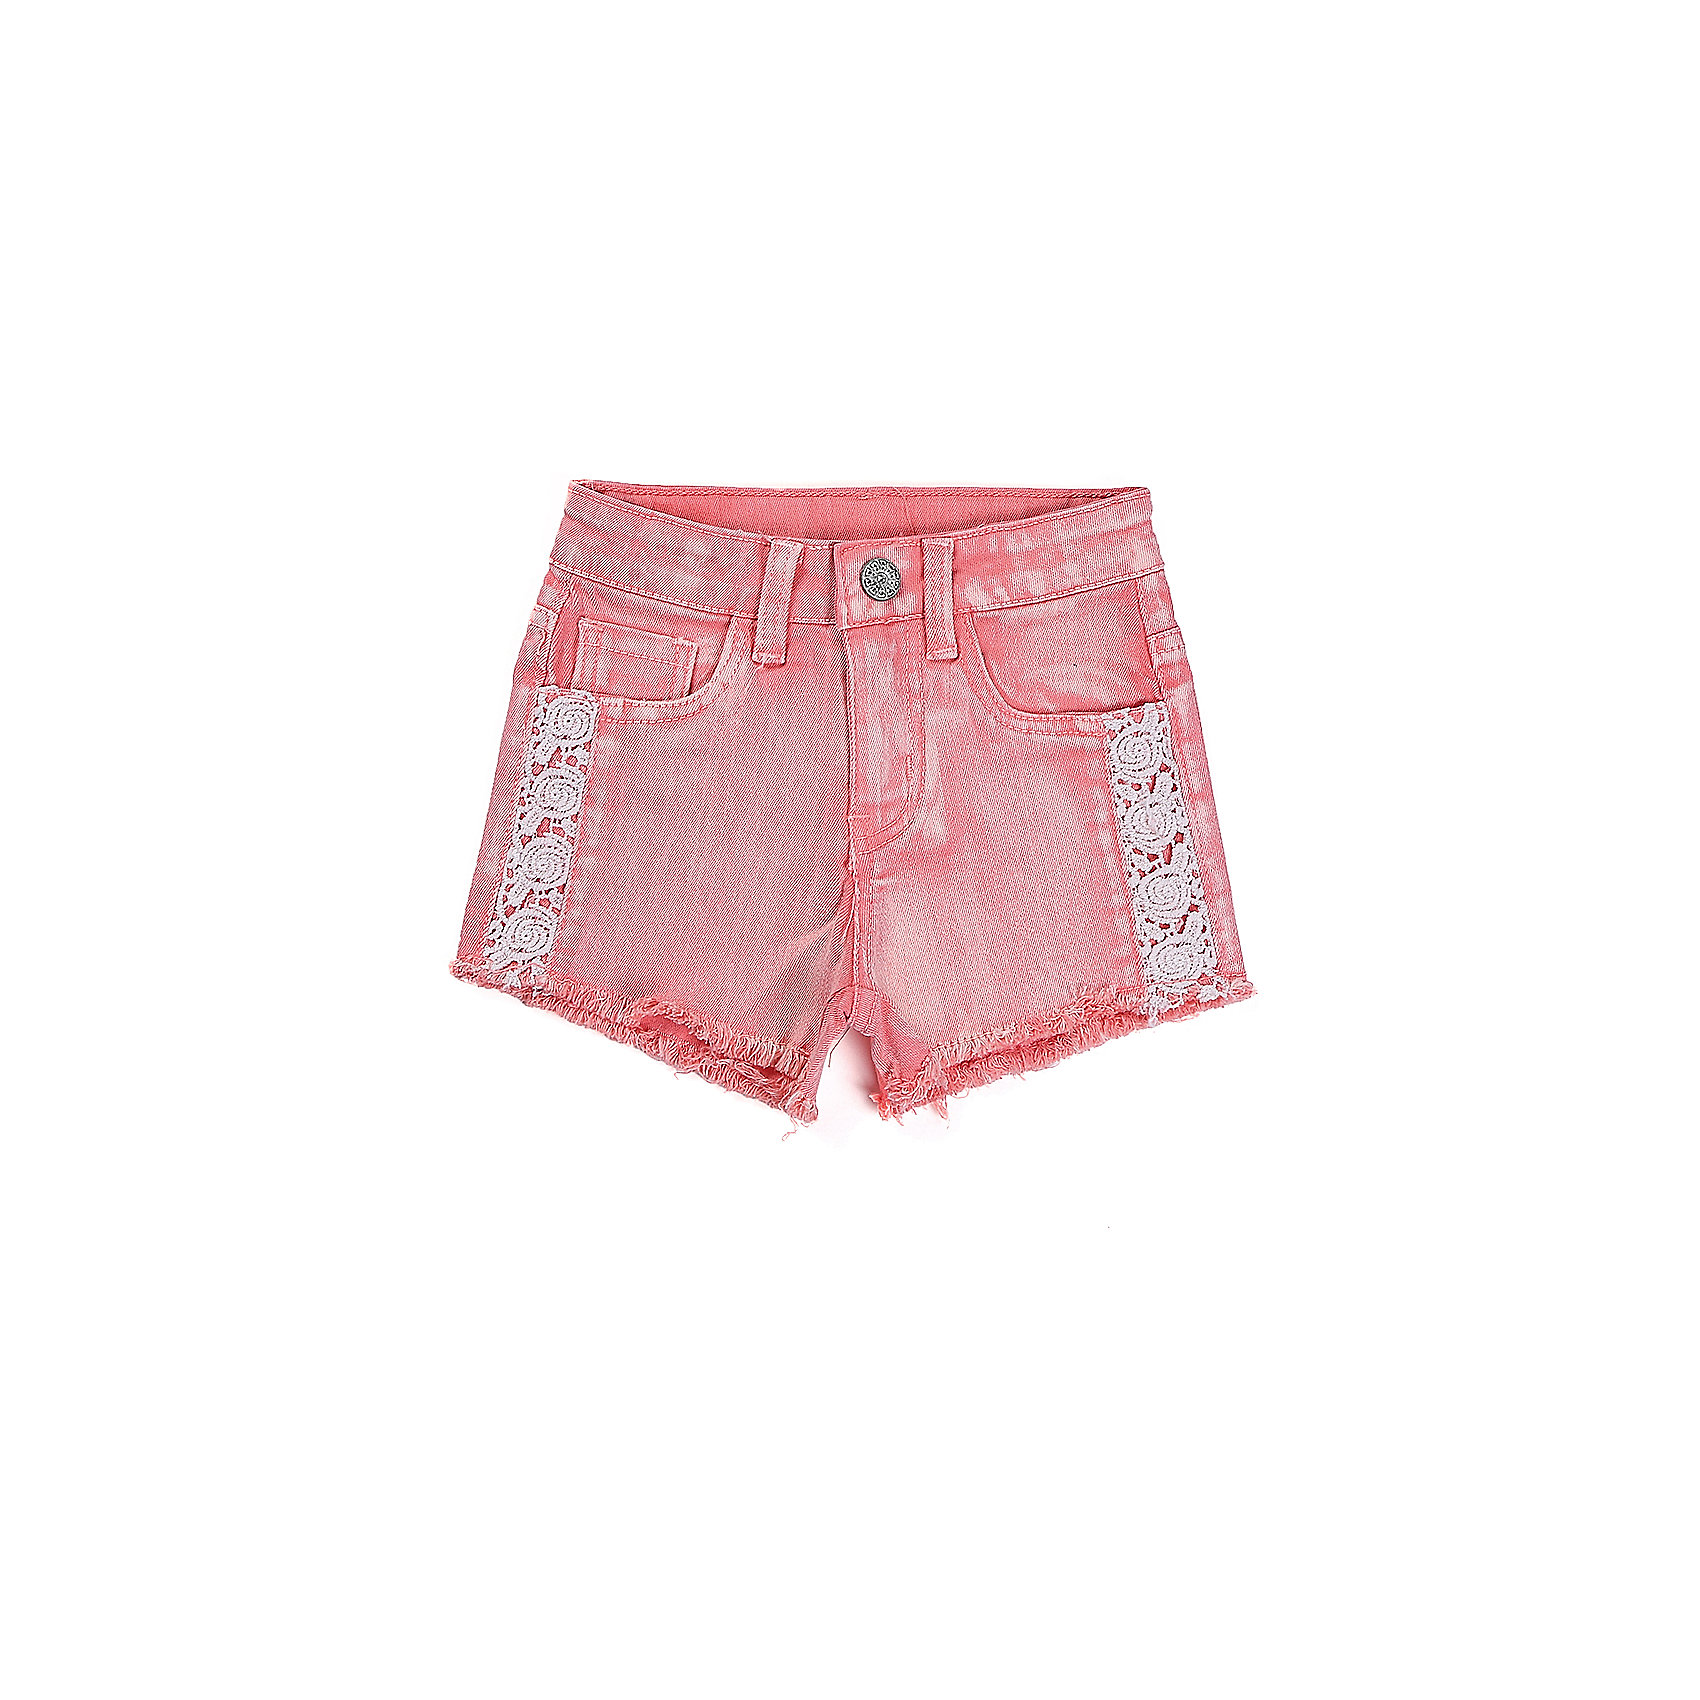 Шорты джинсовые для девочки Sweet BerryШорты и бриджи<br>Шорты для девочки розового цвета с оригинальной варкой. Декорированые бахромой по низу изделия, по бокам шорт вставки из кружевного плетения. Шлевки на поясе рассчитаны под ремень. В боковой части пояса находятся вшитые эластичные ленты, регулирующие посадку по талии.<br>Состав:<br>98%хлопок 2%эластан<br><br>Ширина мм: 191<br>Глубина мм: 10<br>Высота мм: 175<br>Вес г: 273<br>Цвет: розовый<br>Возраст от месяцев: 12<br>Возраст до месяцев: 15<br>Пол: Женский<br>Возраст: Детский<br>Размер: 80,86,92,98<br>SKU: 5410830